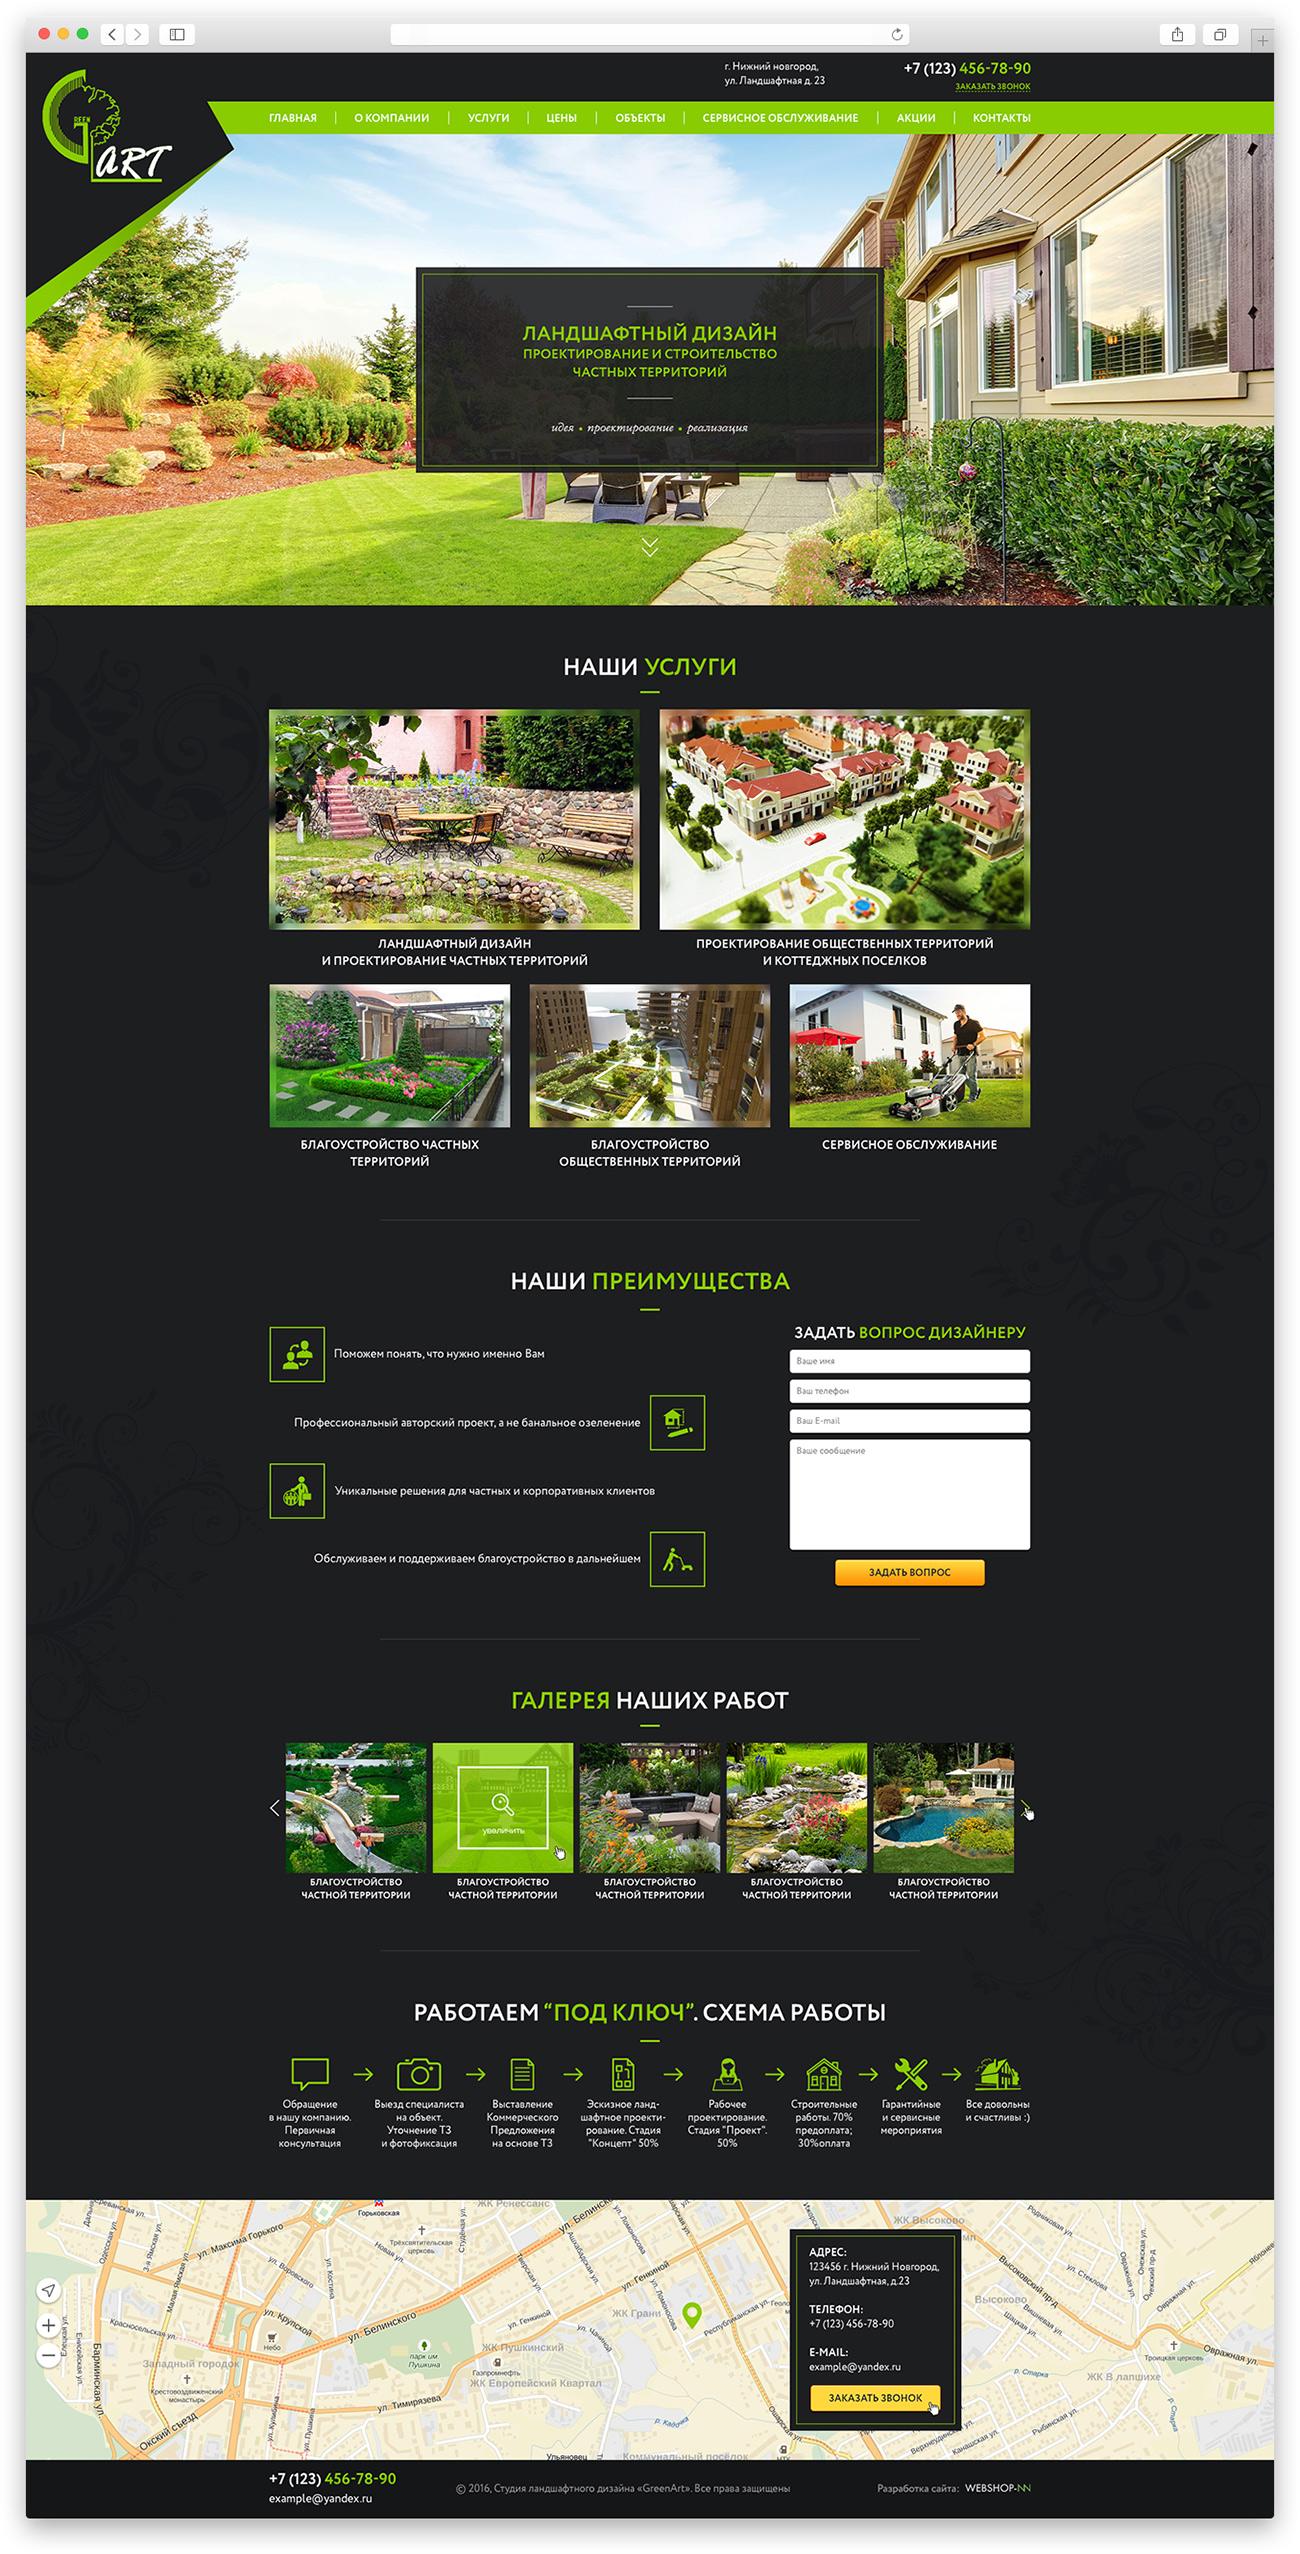 """Сайт визитка для студии ландшафтного дизайна """"Green Art"""""""